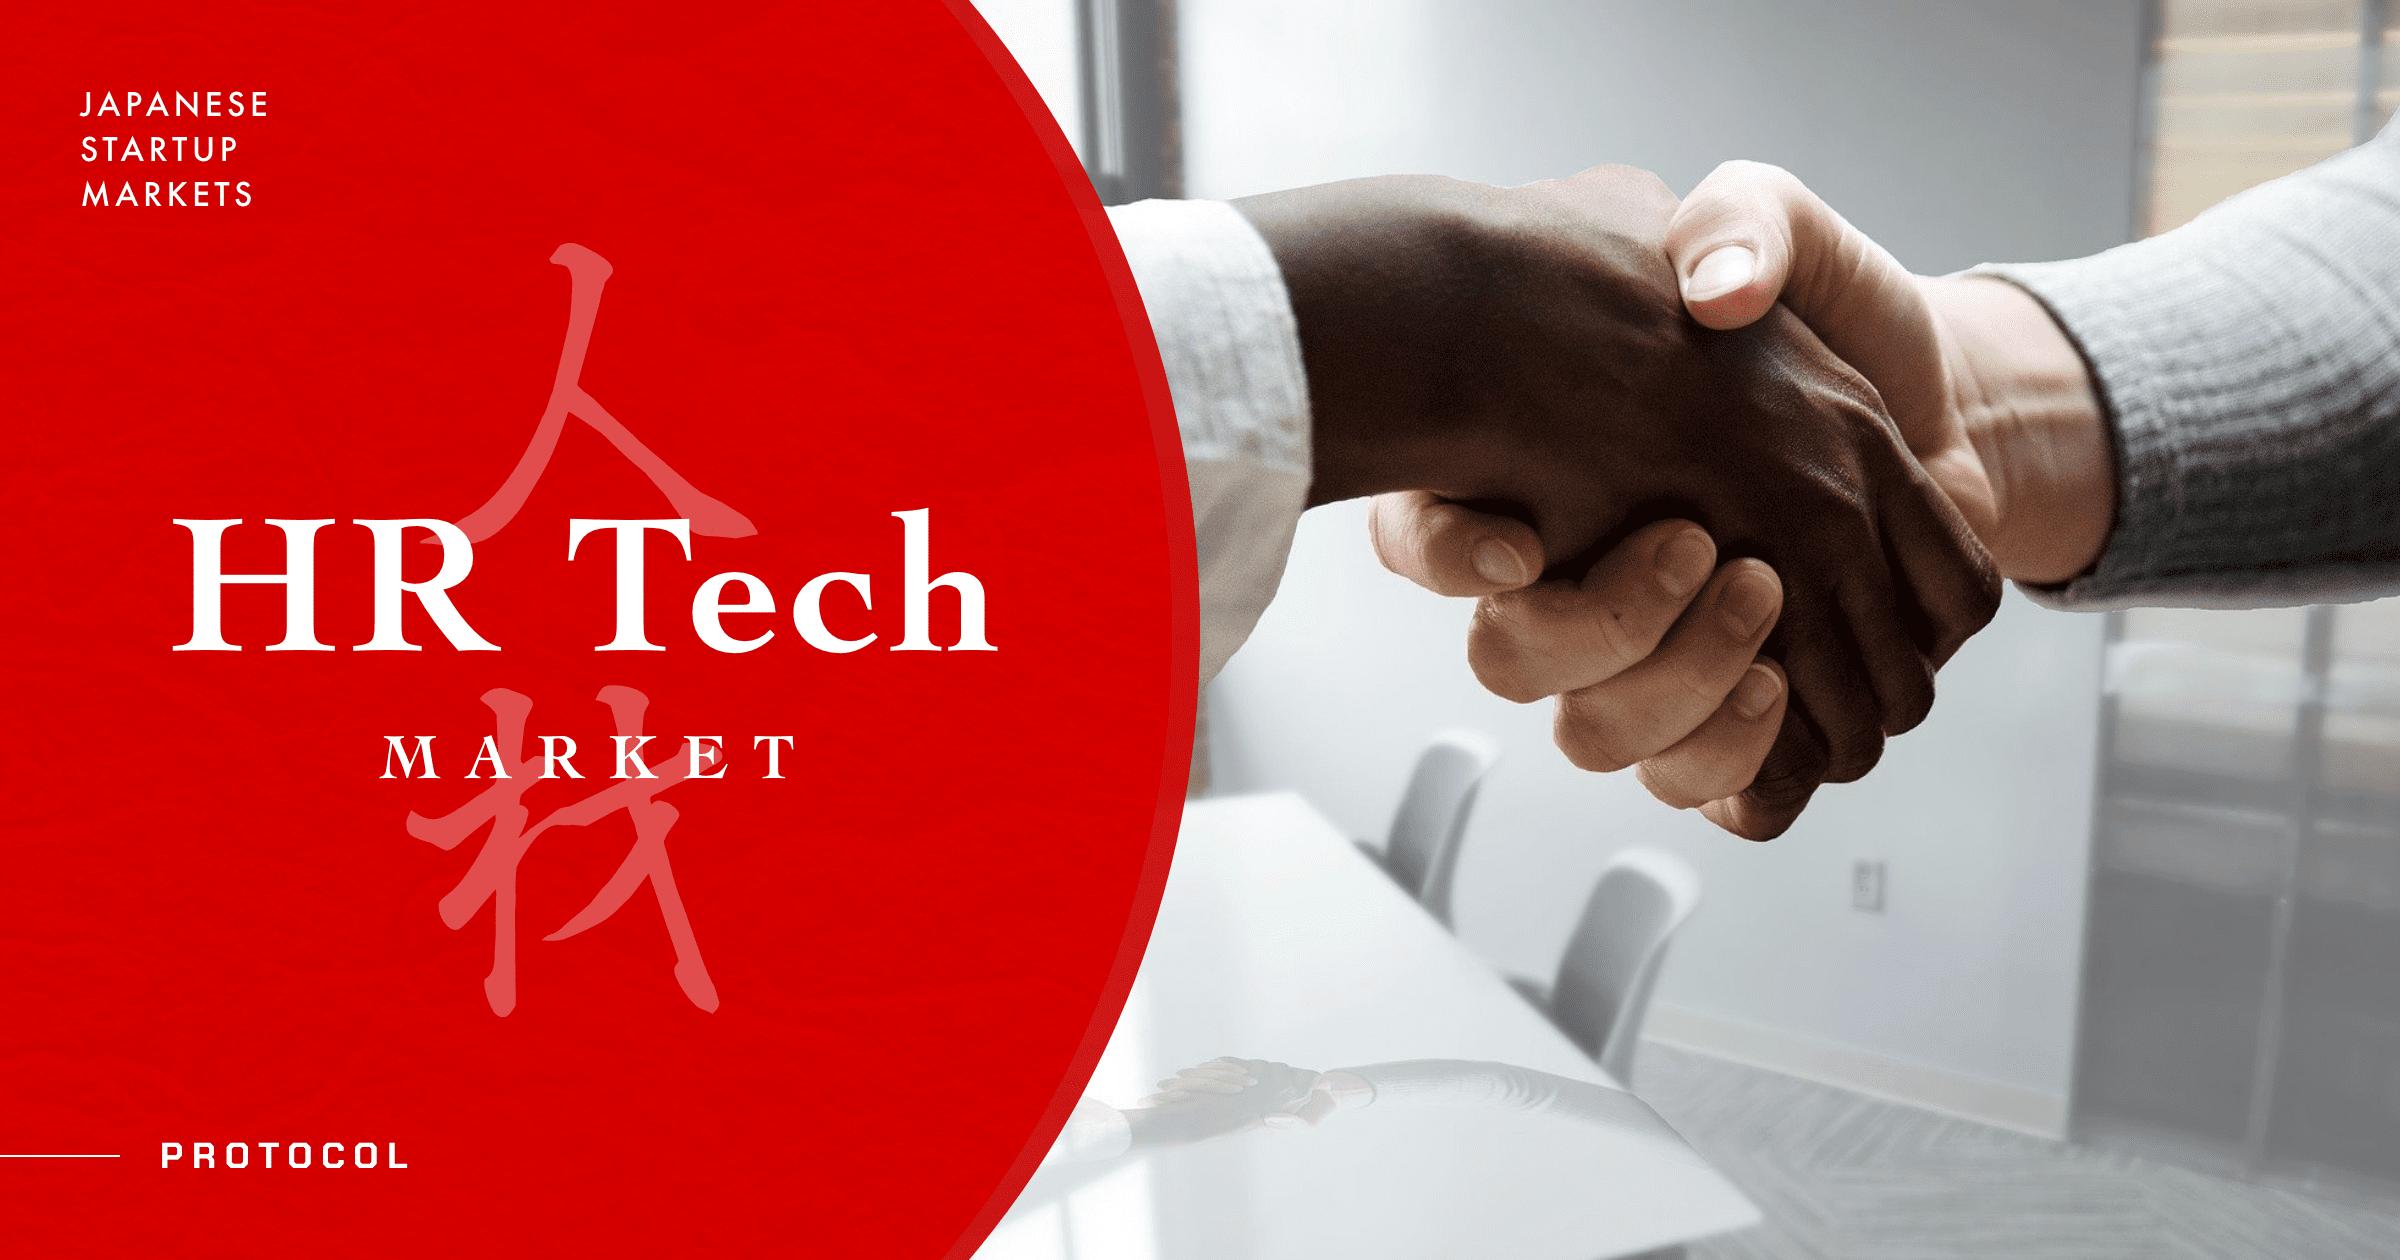 Japanese Startup Markets: HR Tech